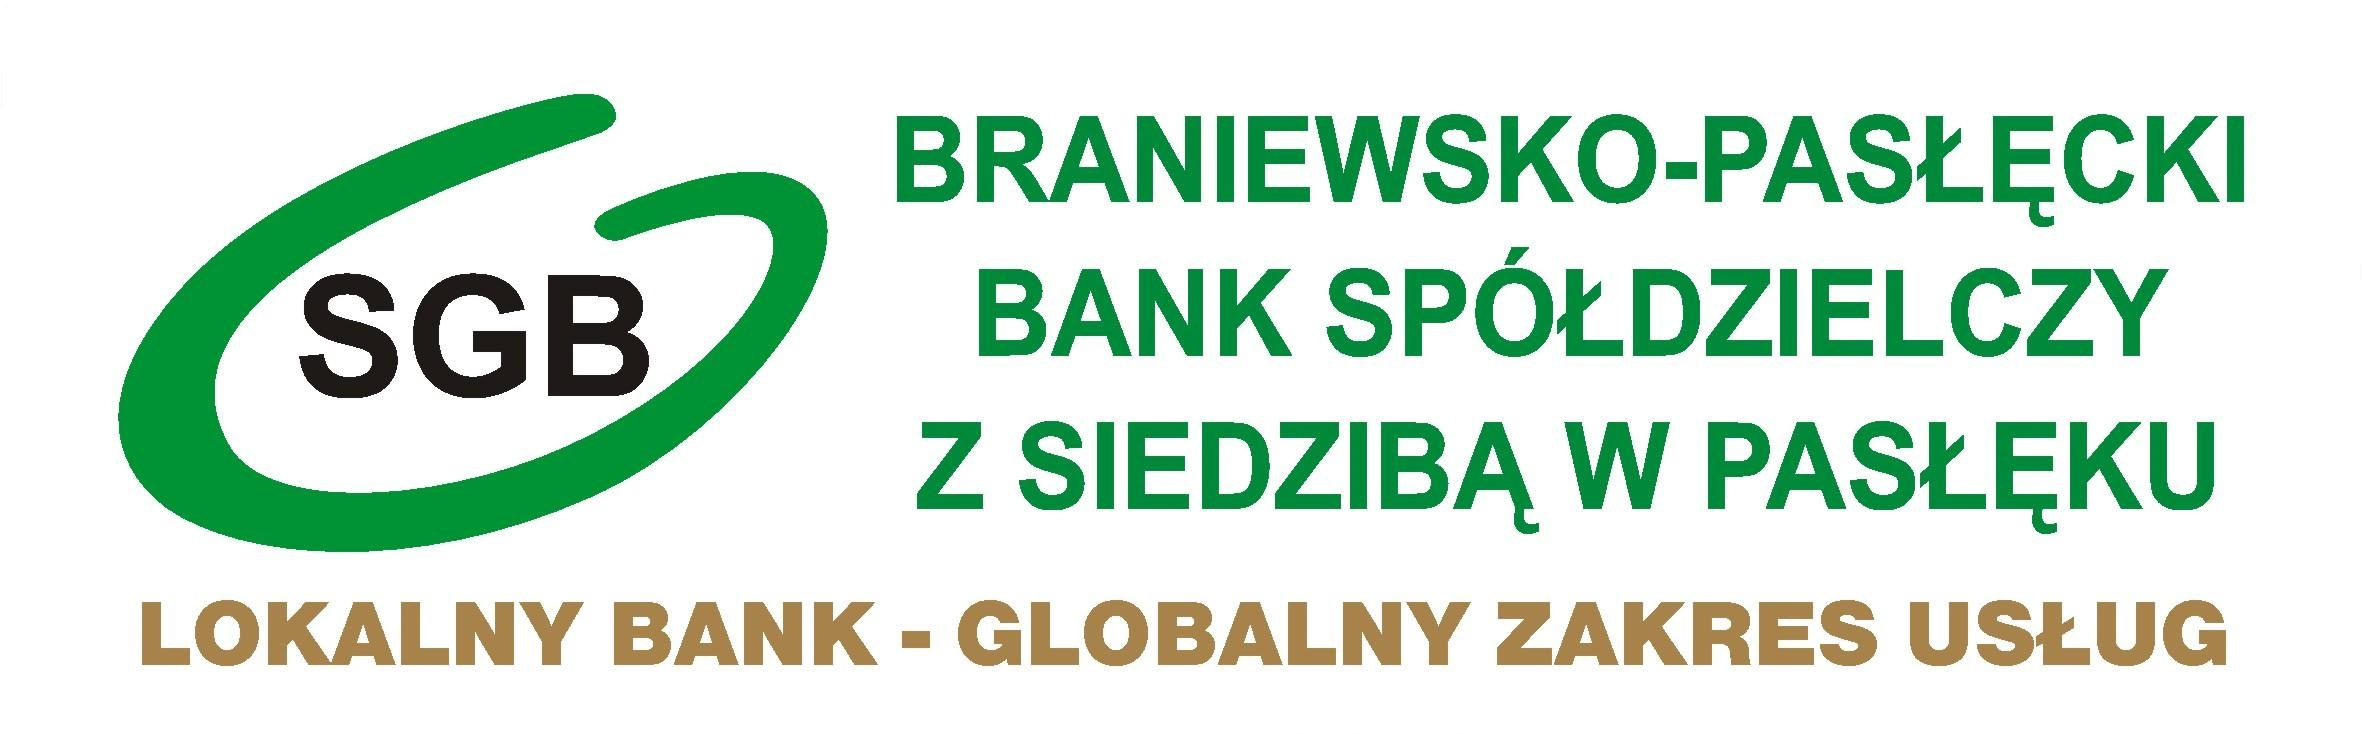 Kredyt z częściową spłatą kapitału na zakup użytków rolnych przez młodych rolników – symbol MRcsk - Braniewsko-Pasłęcki Bank Spółdzielczy z siedzibą w Pasłęku